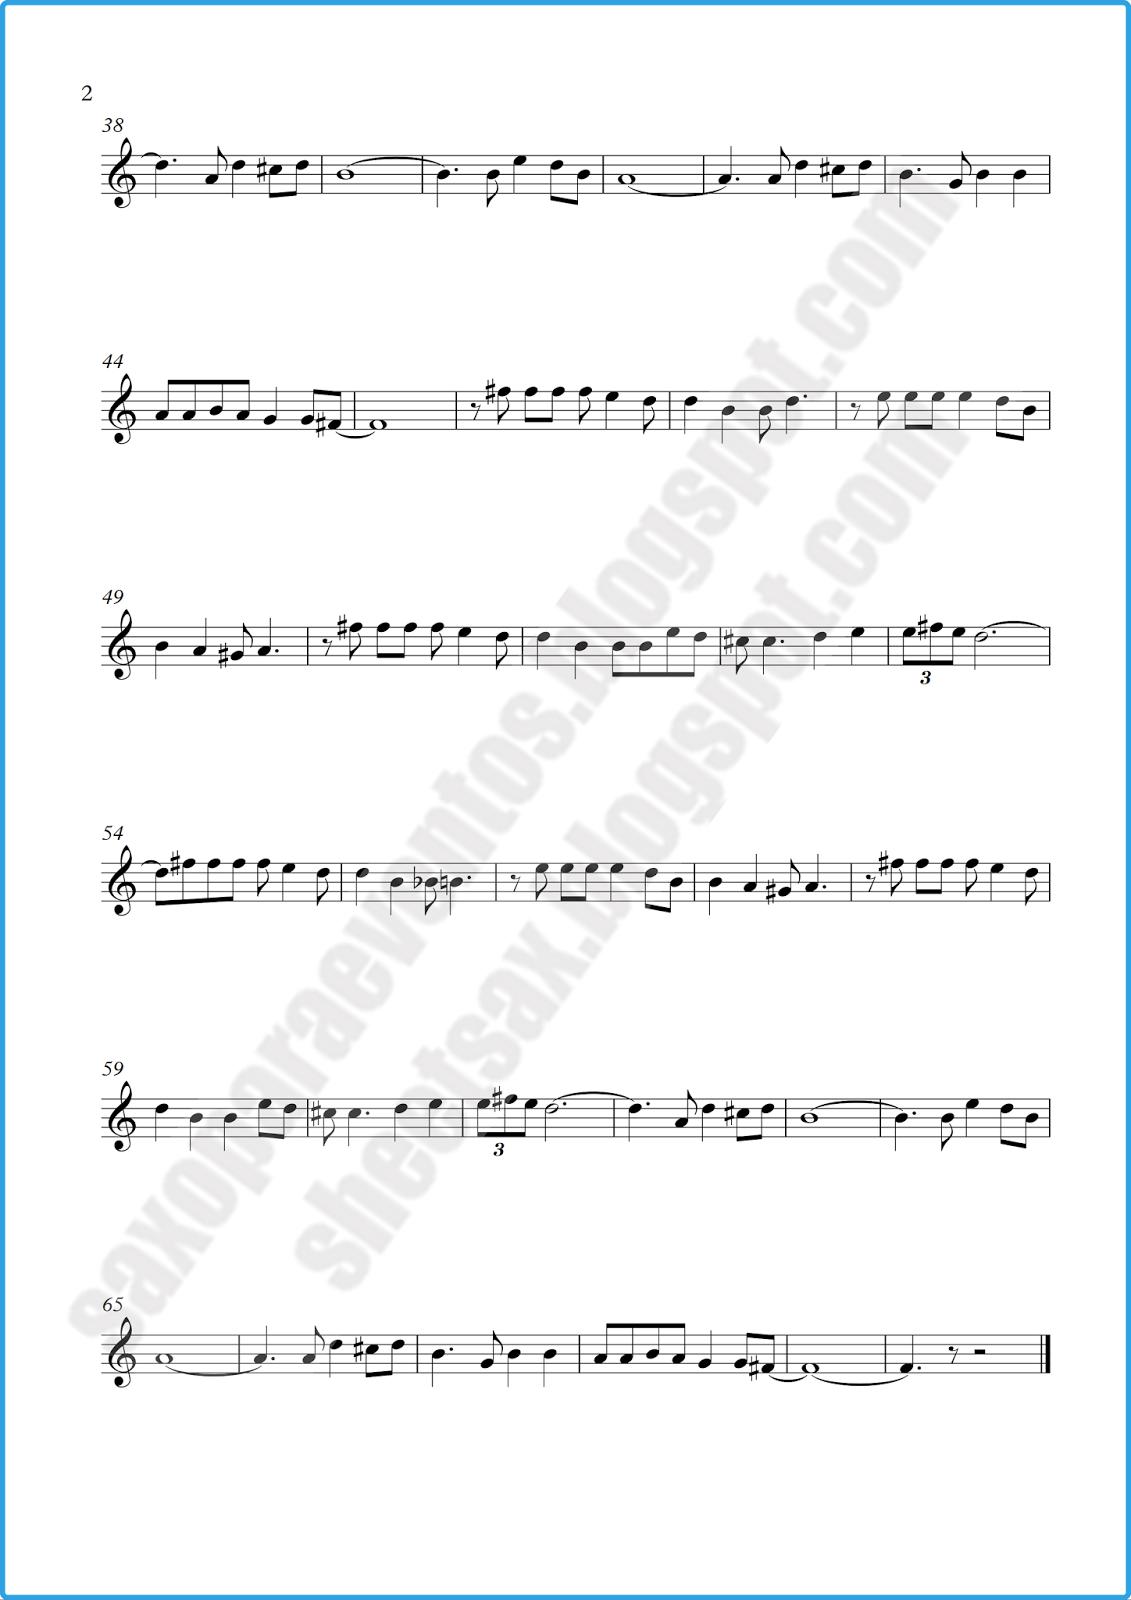 Cancion blanca navidad en flauta